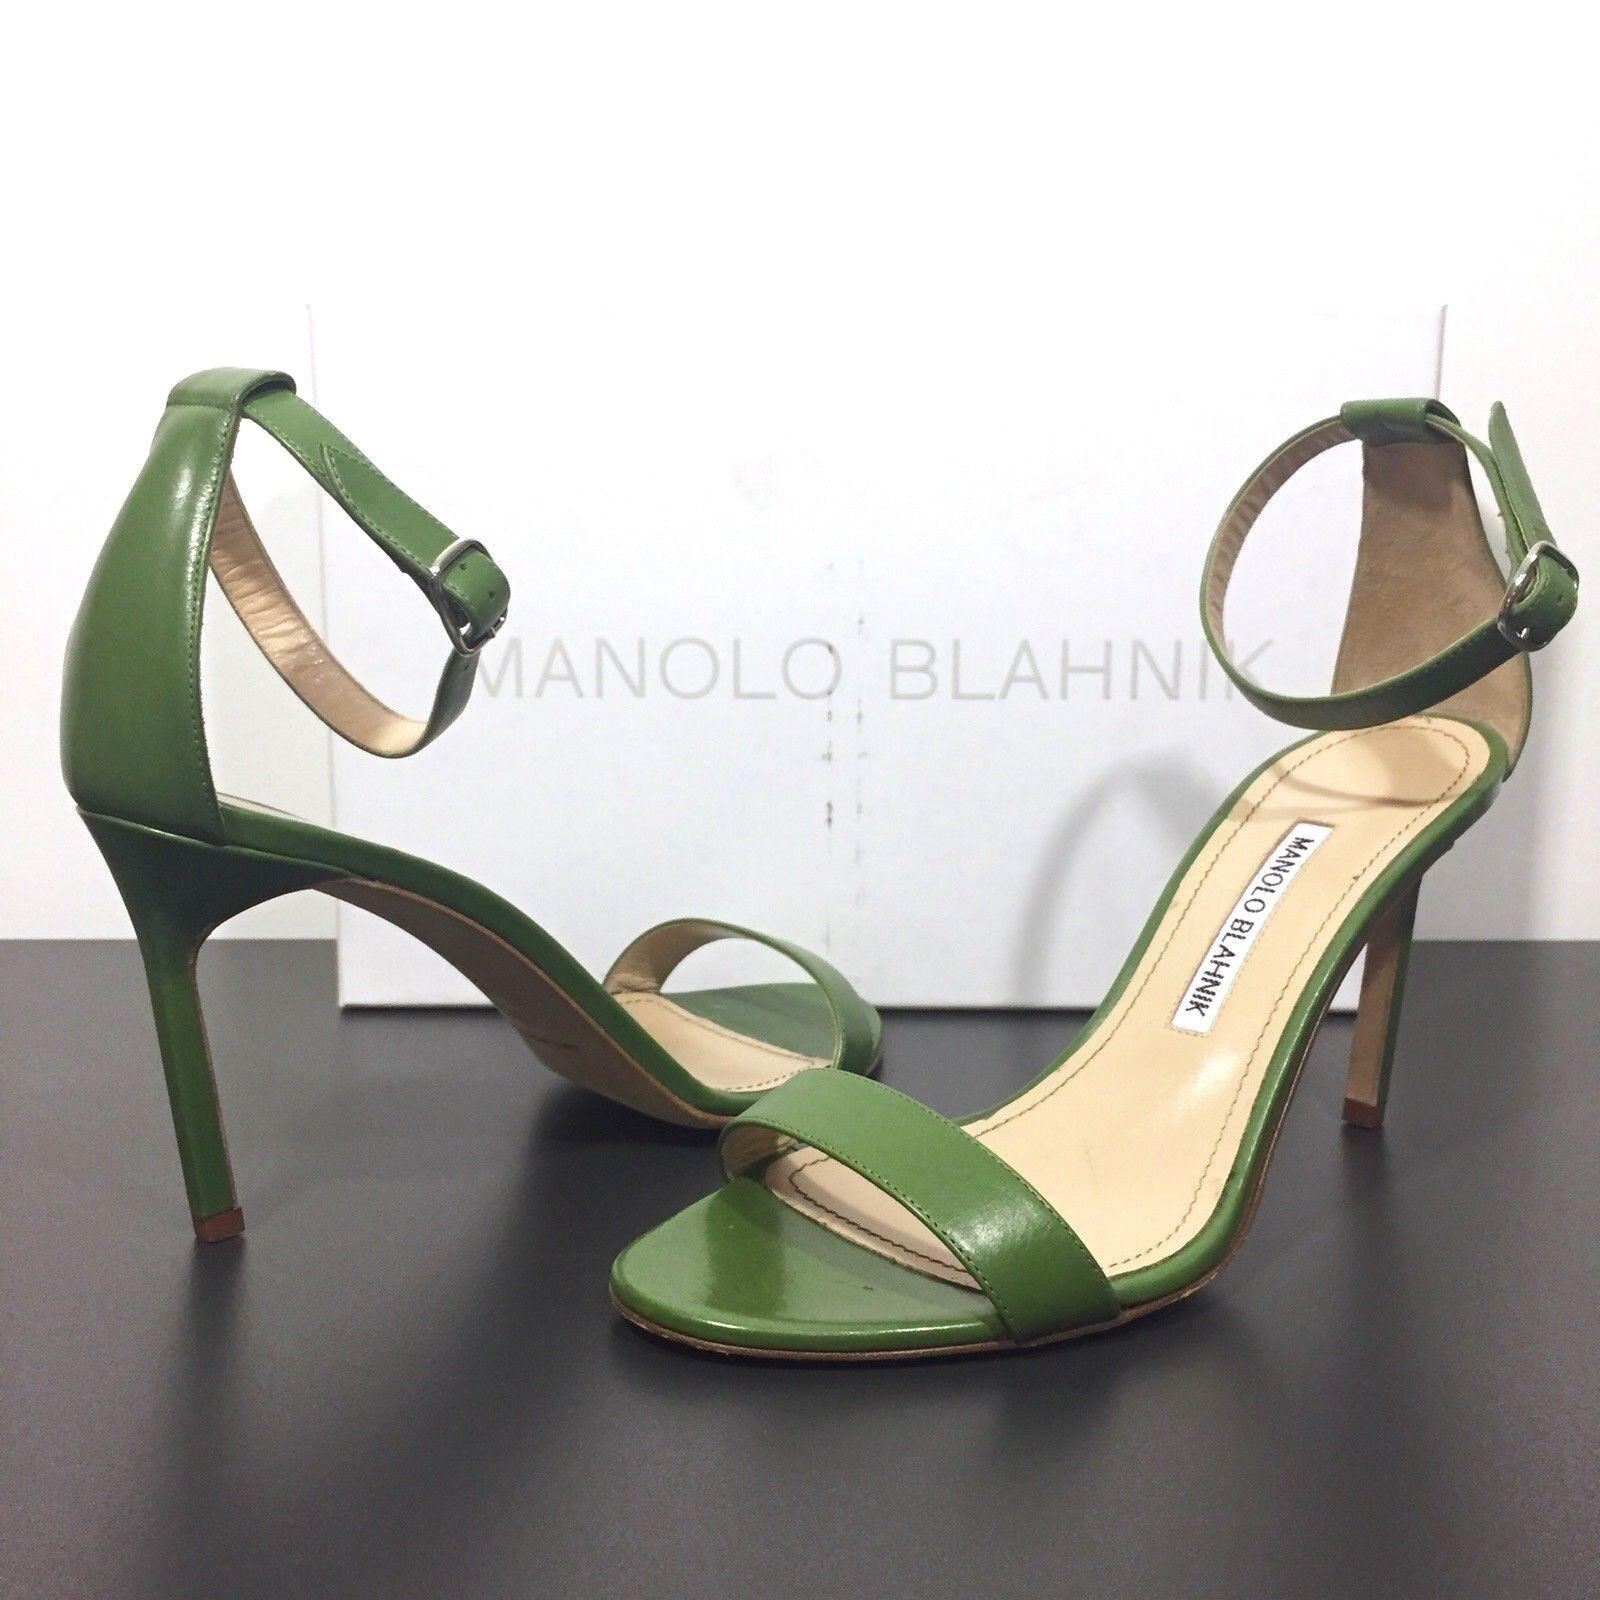 Manolo Blahnik caos y Correa en el el el Tobillo Zapatos De Taco Sandalias verde 37.5 (MSRP  980)  diseñador en linea